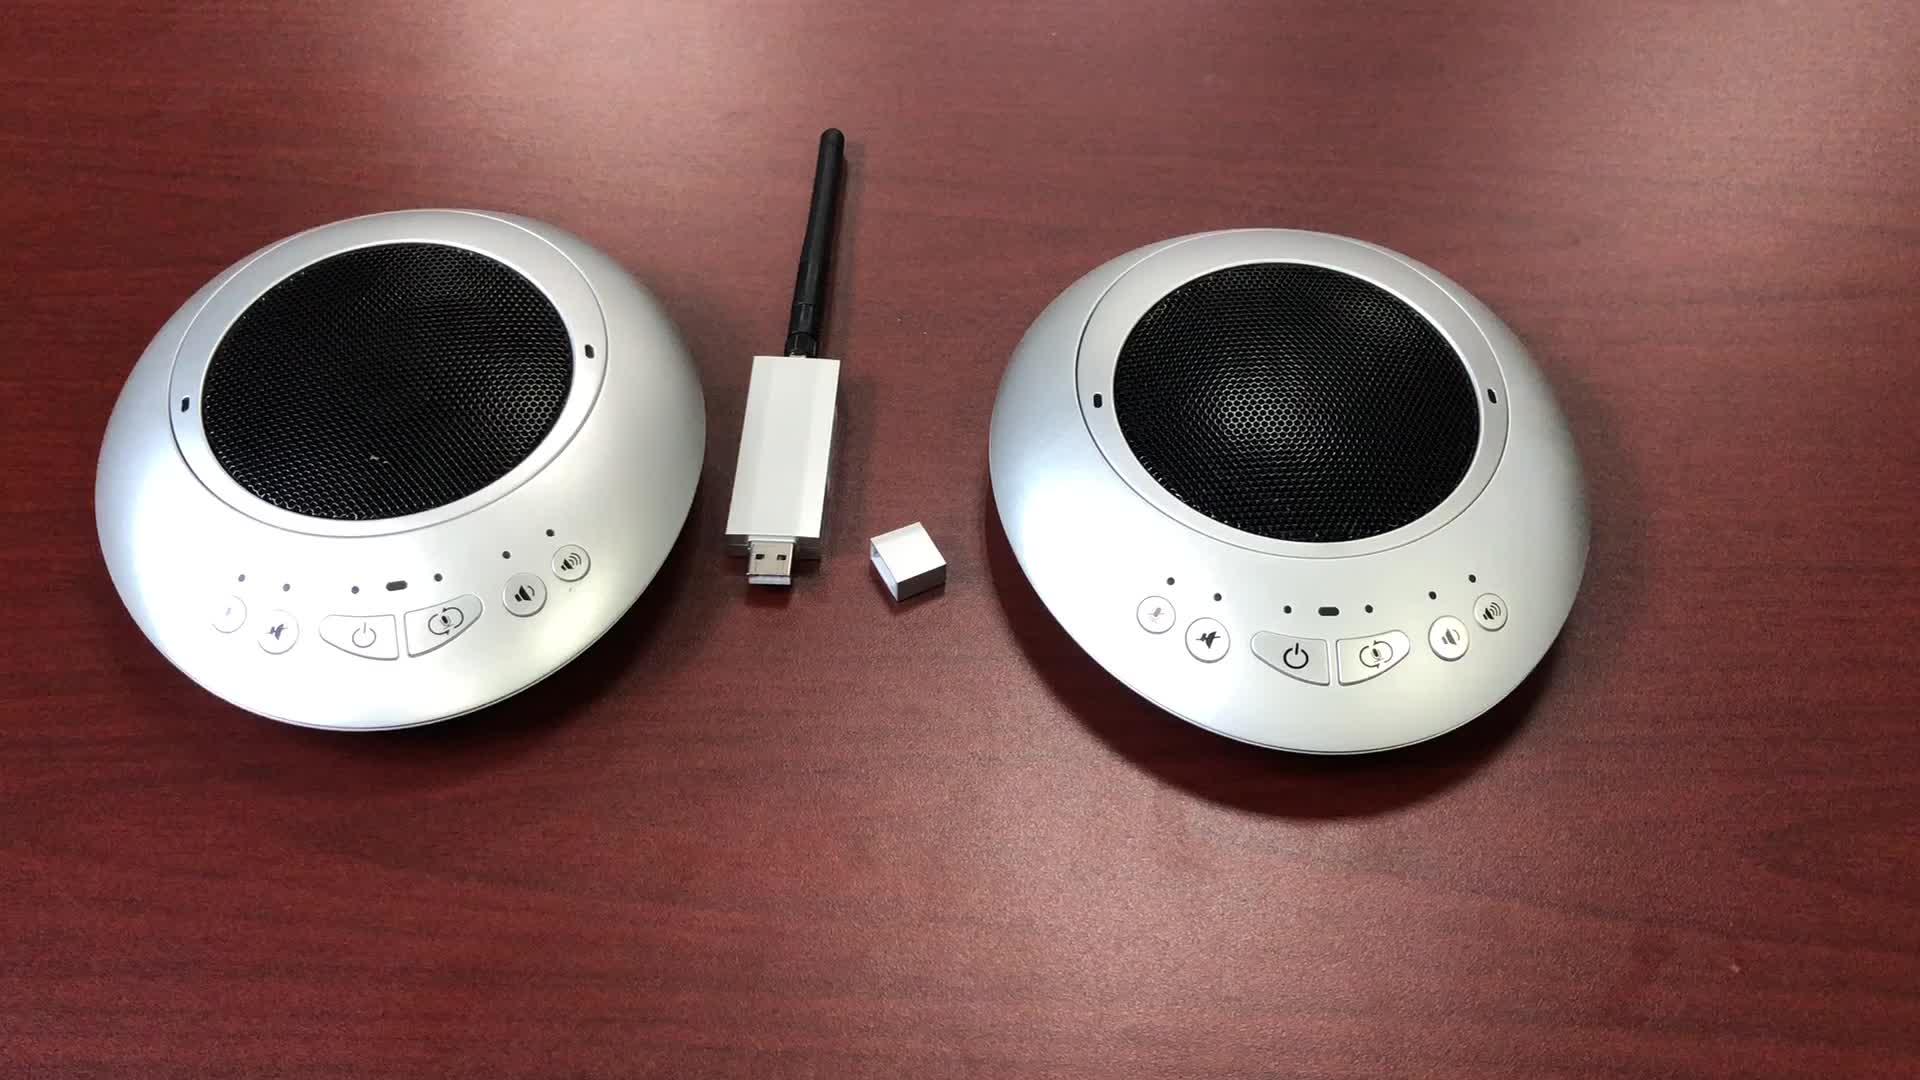 Hot selling Omni Draadloze Speakerphone voor Audio Conference Systeem